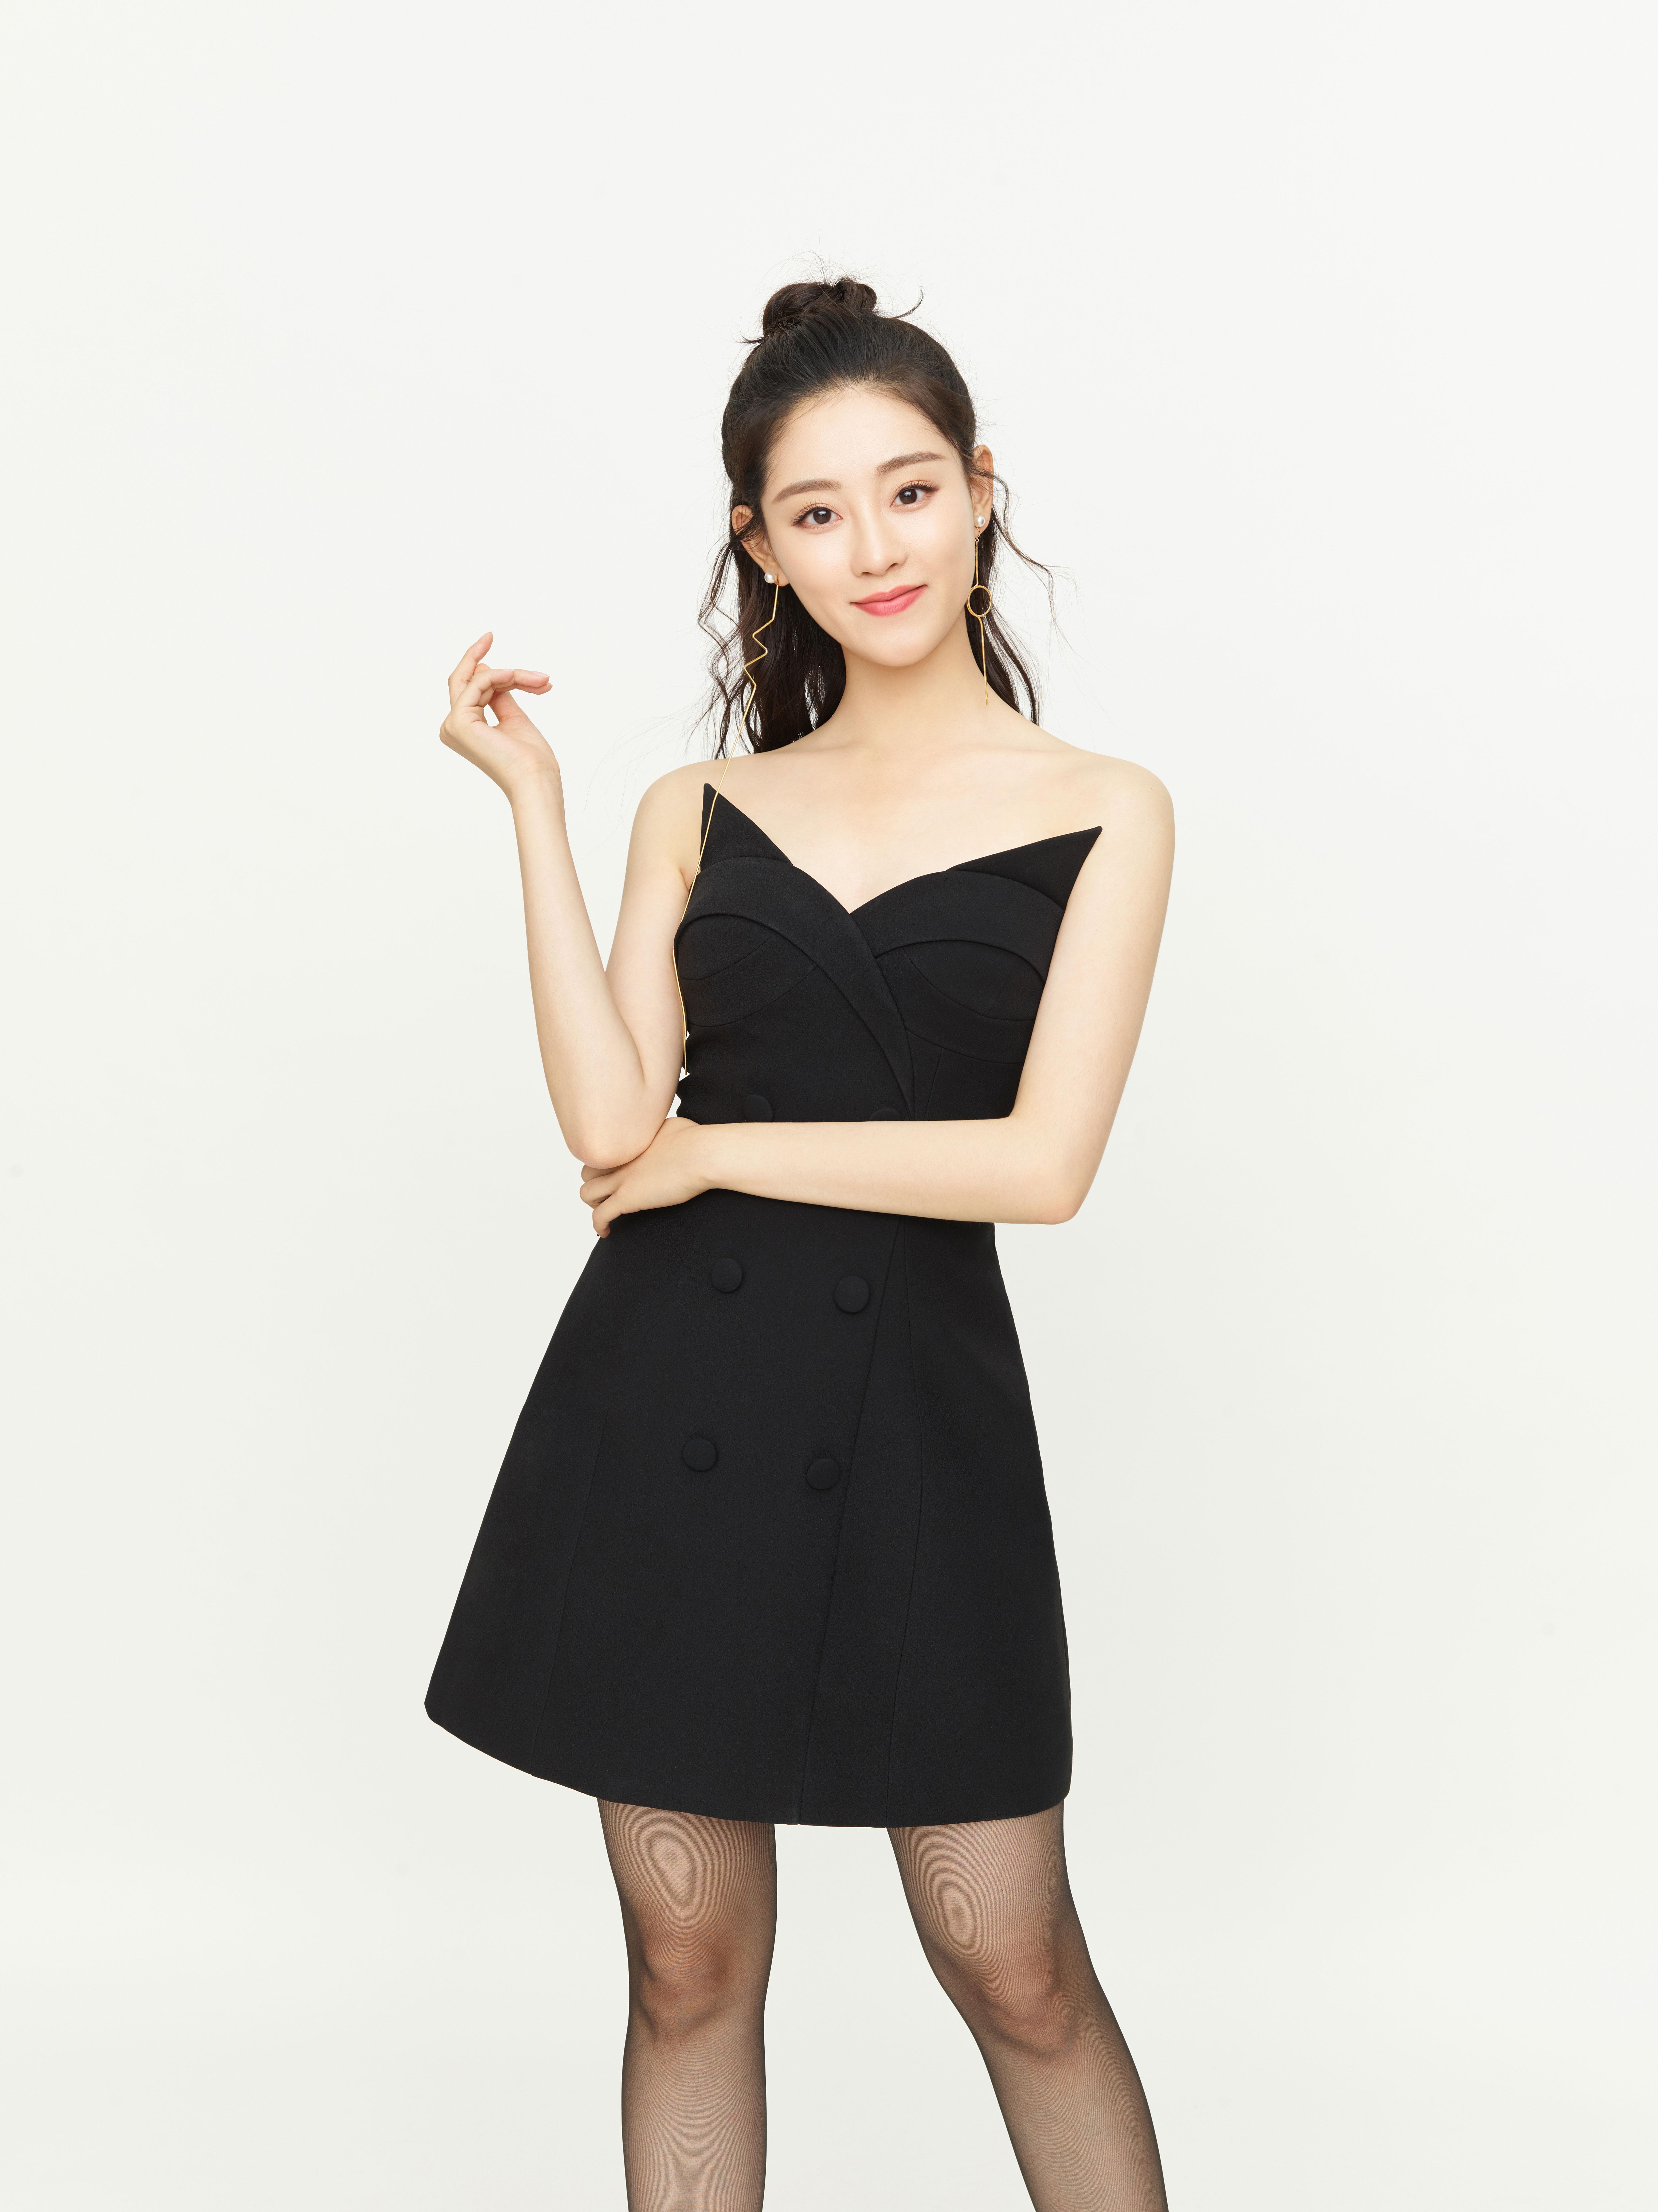 浙江梦融袜业有限公司